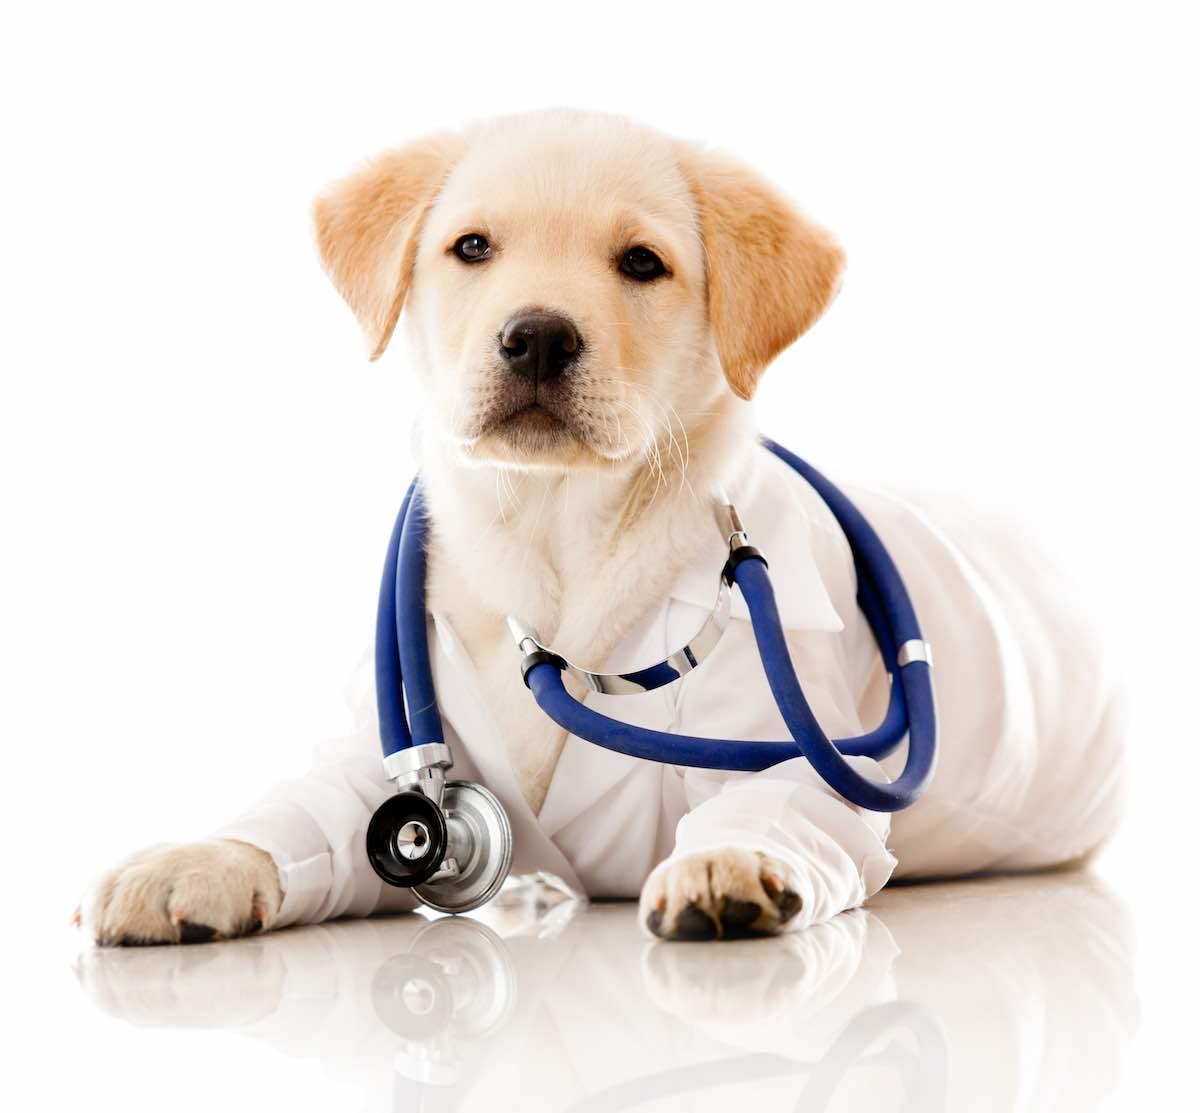 Il cane per salvare i pazienti diabetici